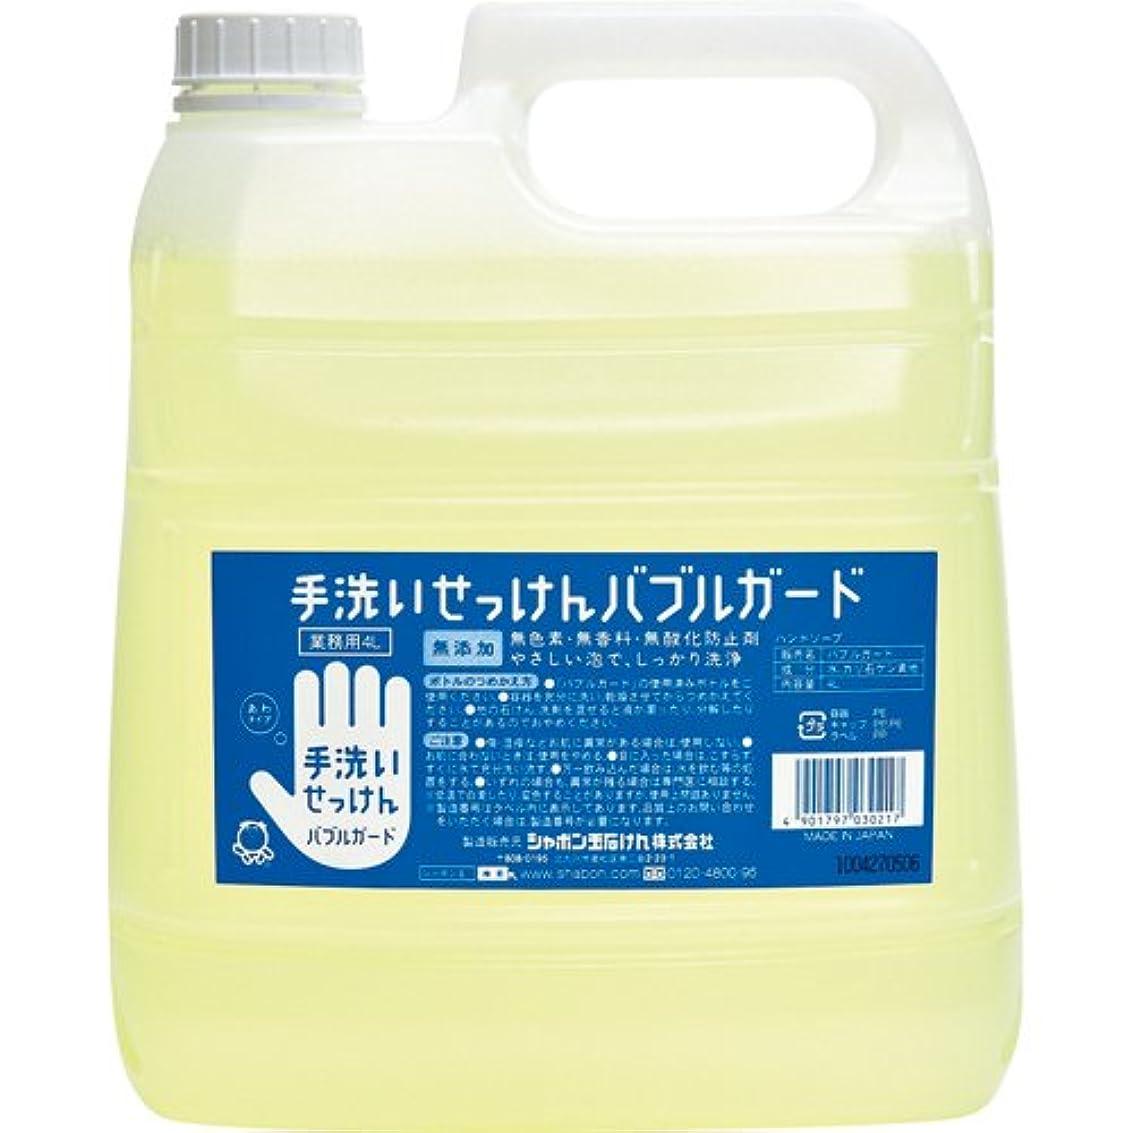 証明広告主漫画[シャボン玉石けん 1692542] (ケア商品)手洗いせっけん バブルガード 泡タイプ 業務用 4L